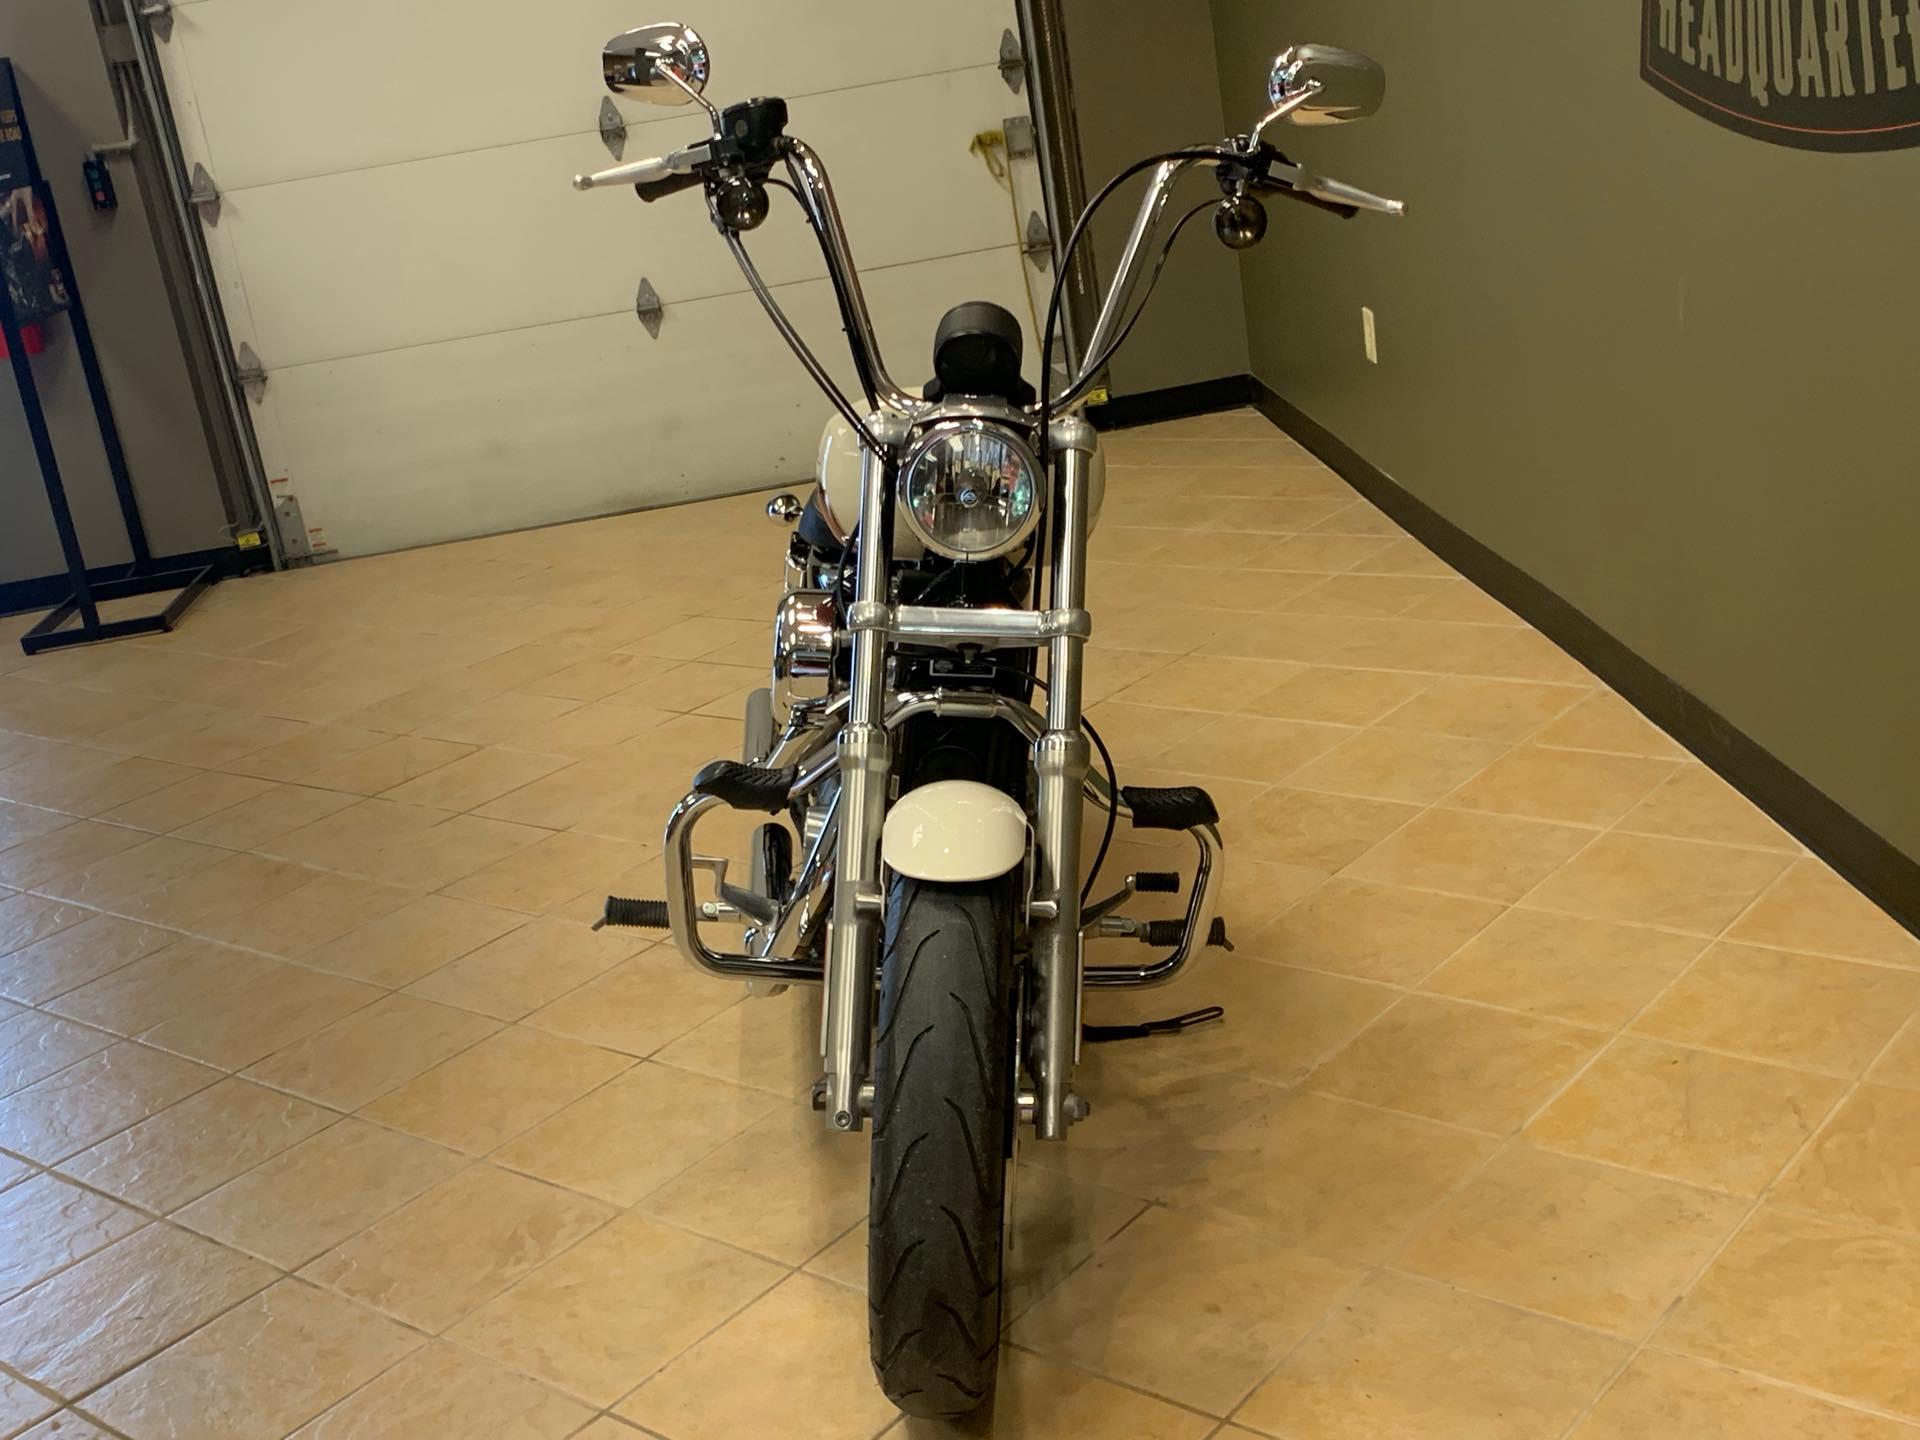 2011 Harley-Davidson Sportster 883 SuperLow at Loess Hills Harley-Davidson